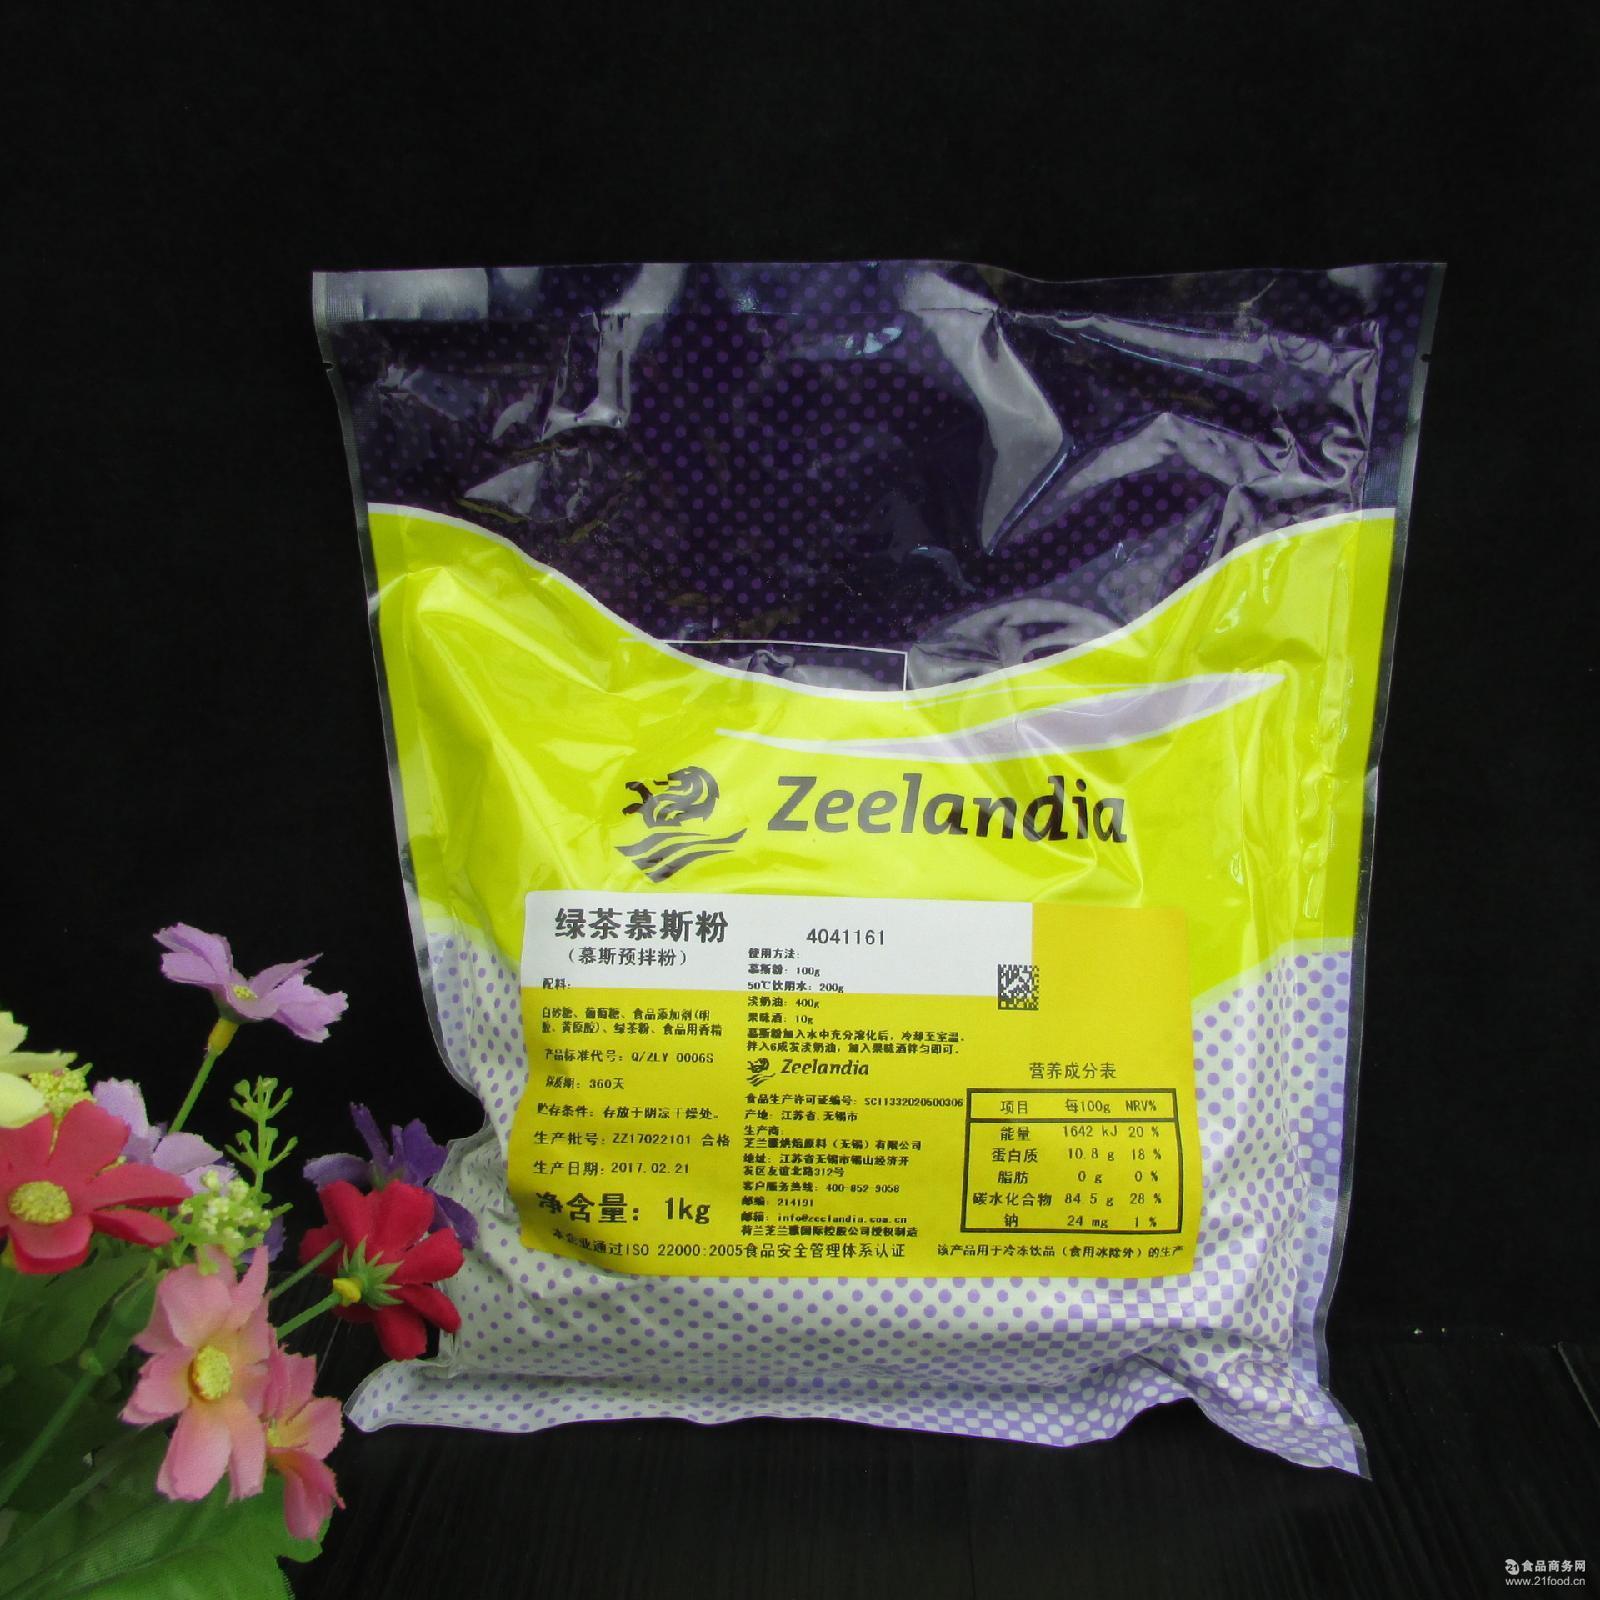 芝兰雅狮*绿茶慕斯粉 蛋糕预拌粉 1公斤原包装